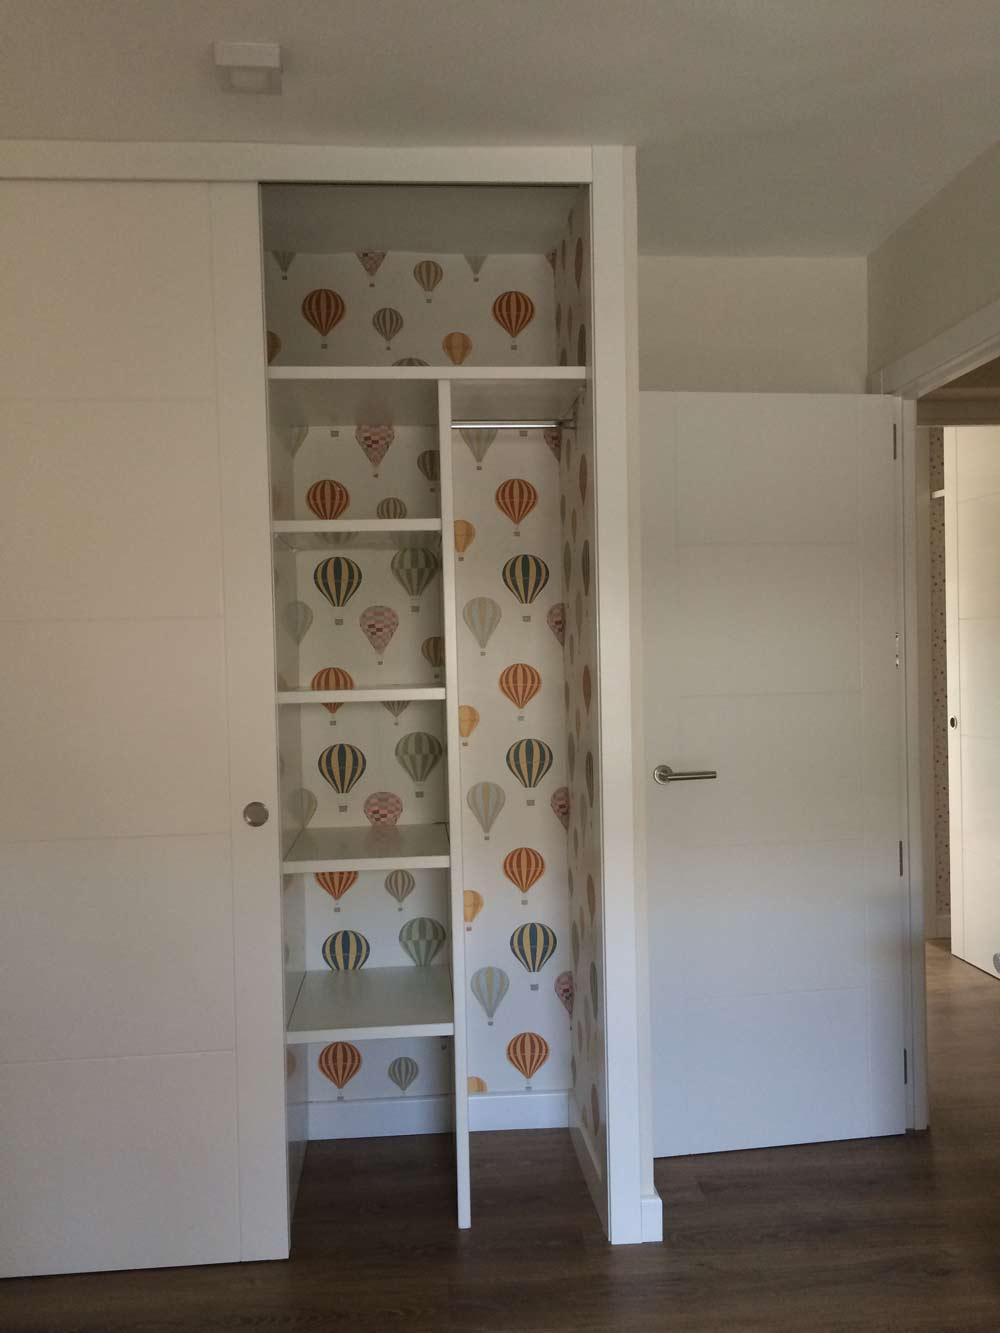 Forrar armarios con papel puertas decoradas con vinilo - Papel adhesivo para puertas ...